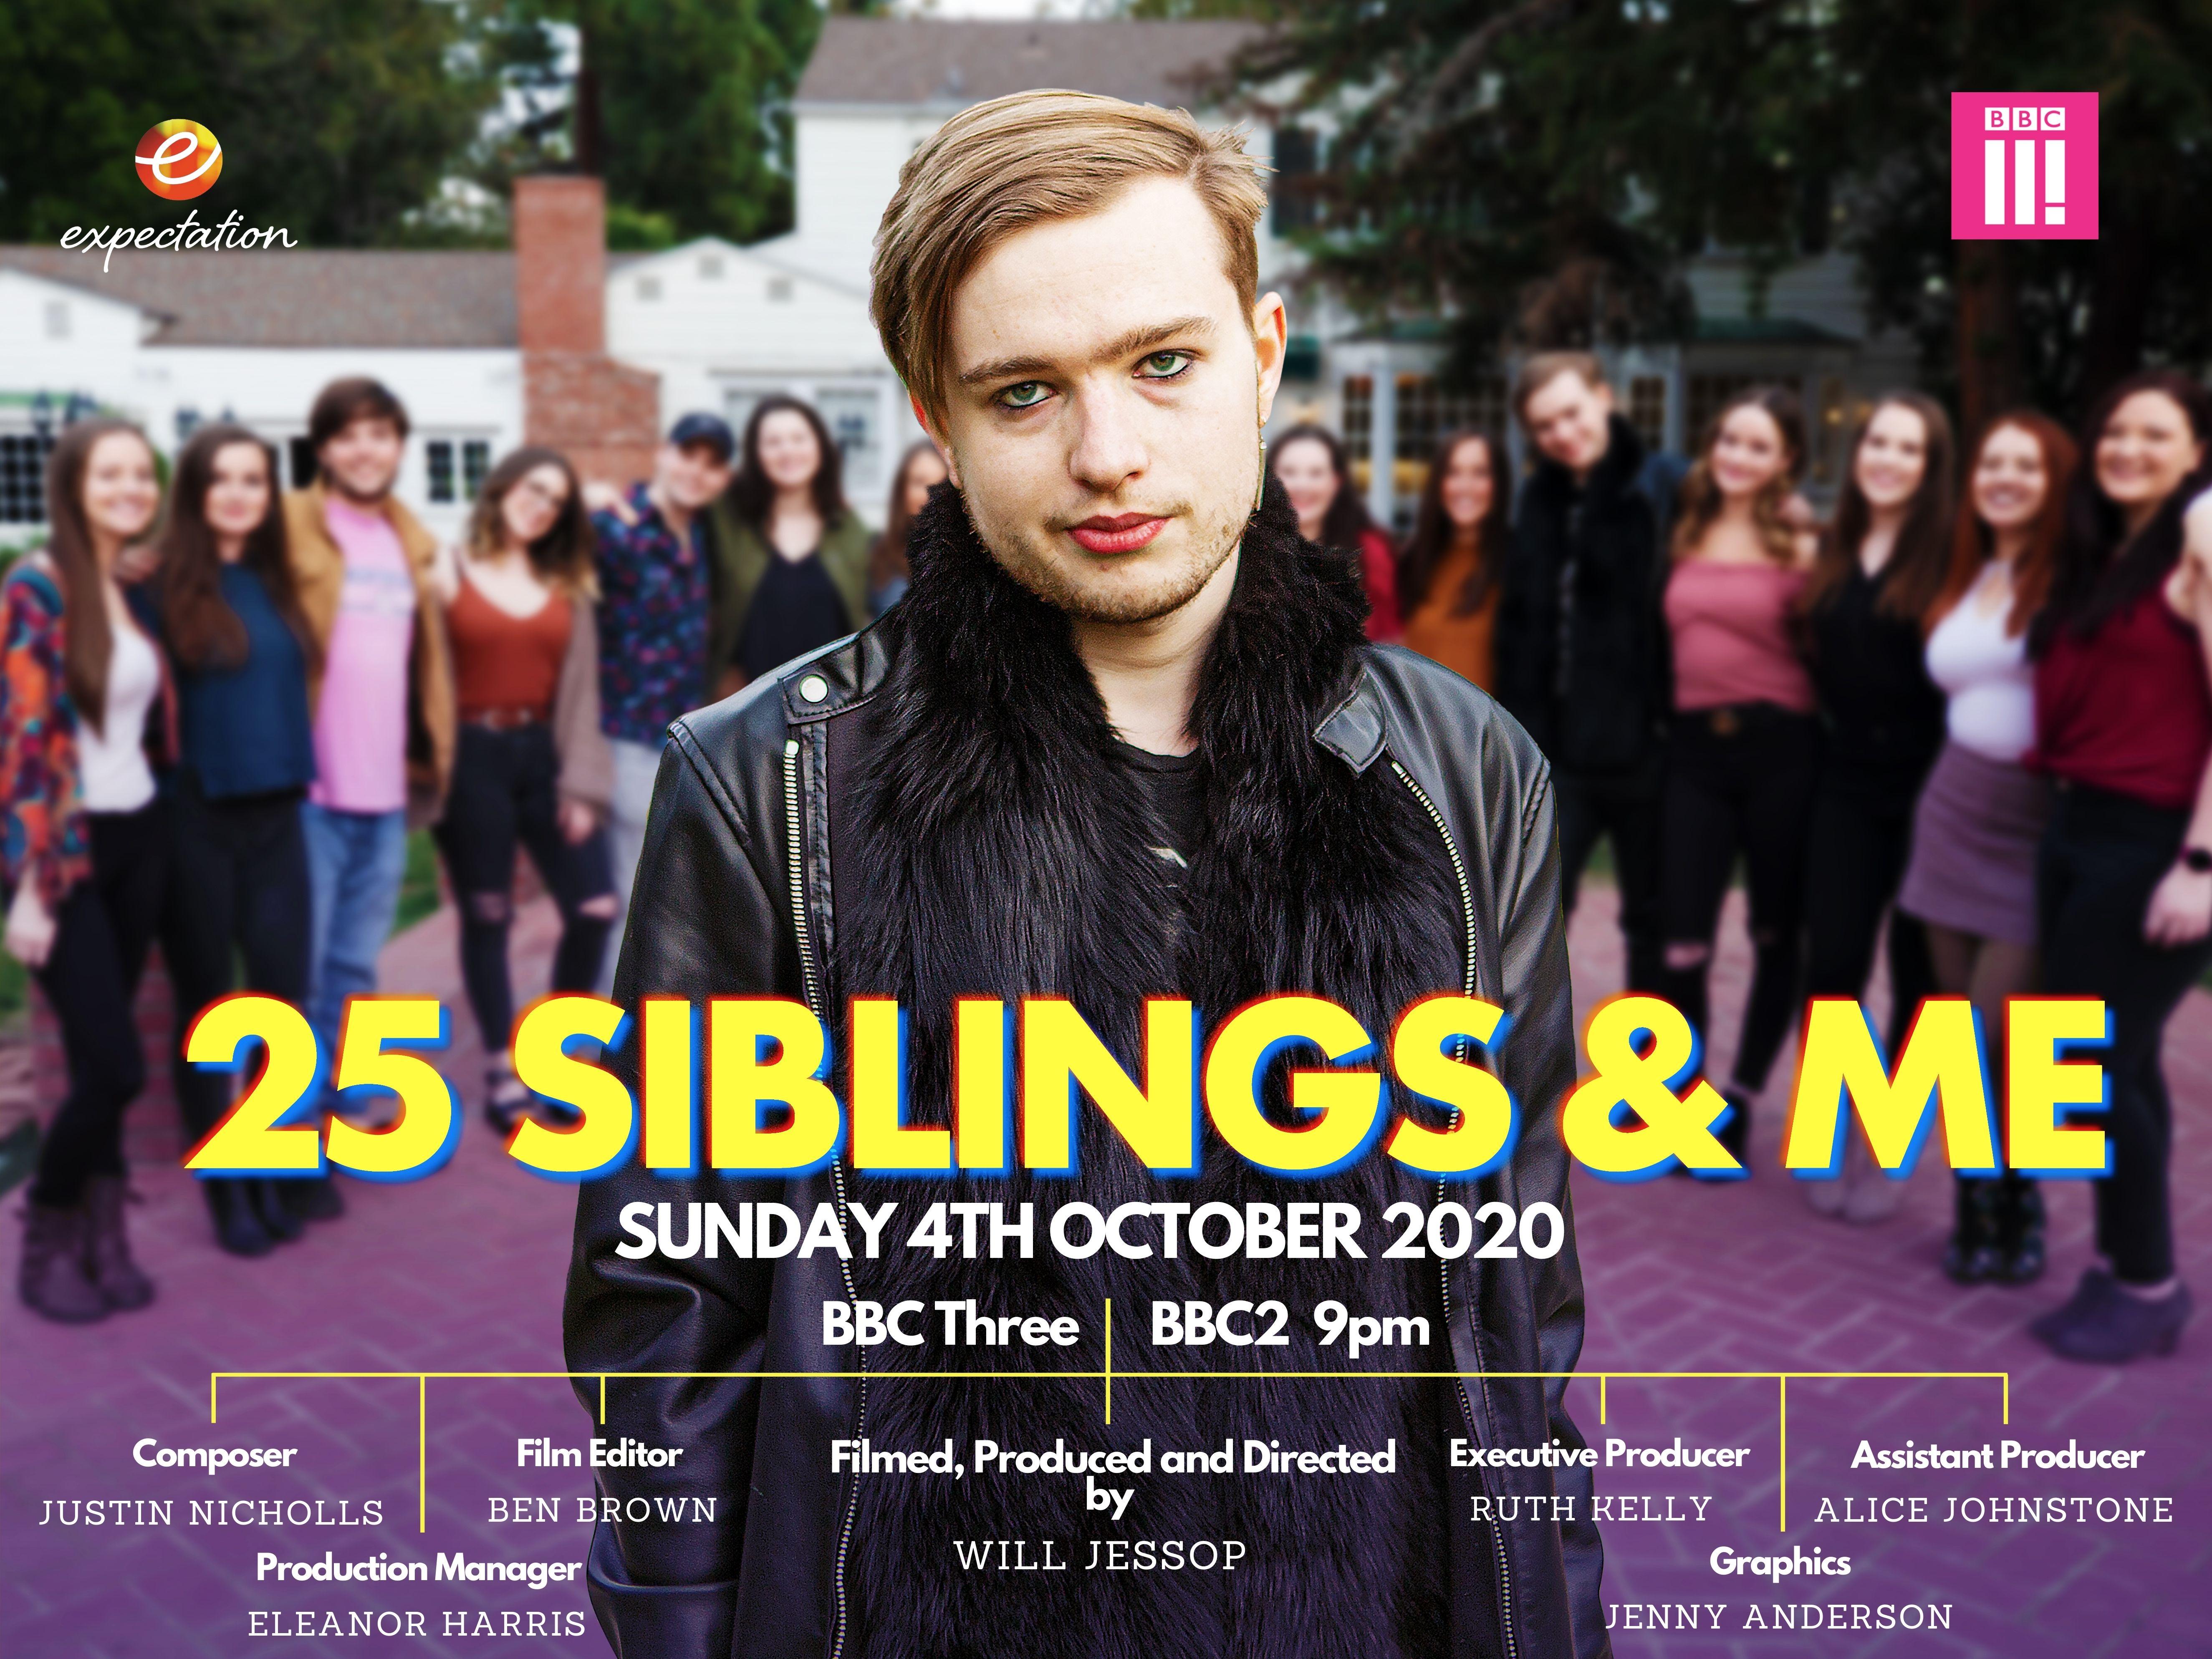 25 Siblings & Me